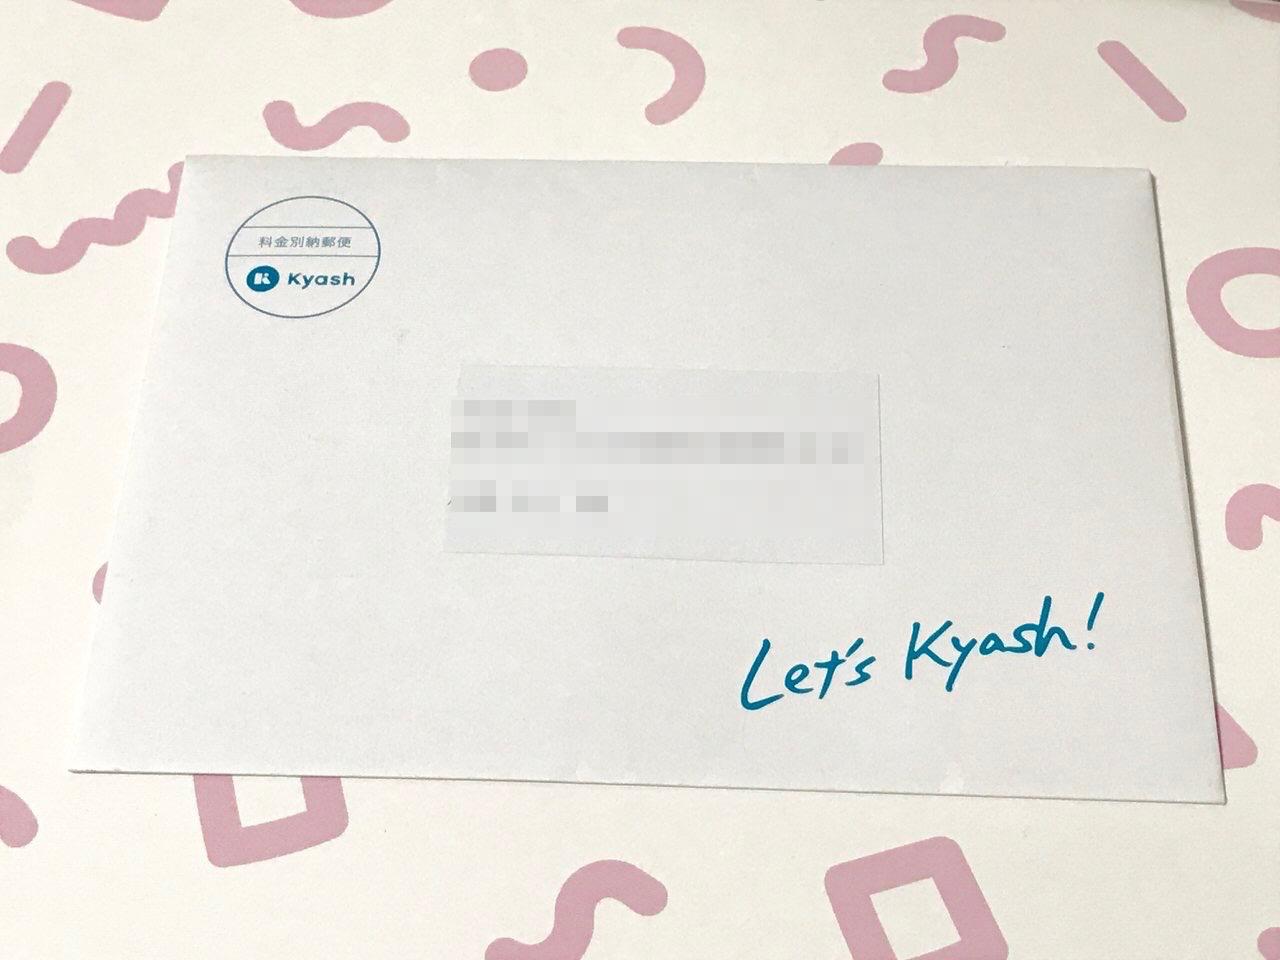 【Kyash】リアルカードの再発行 3